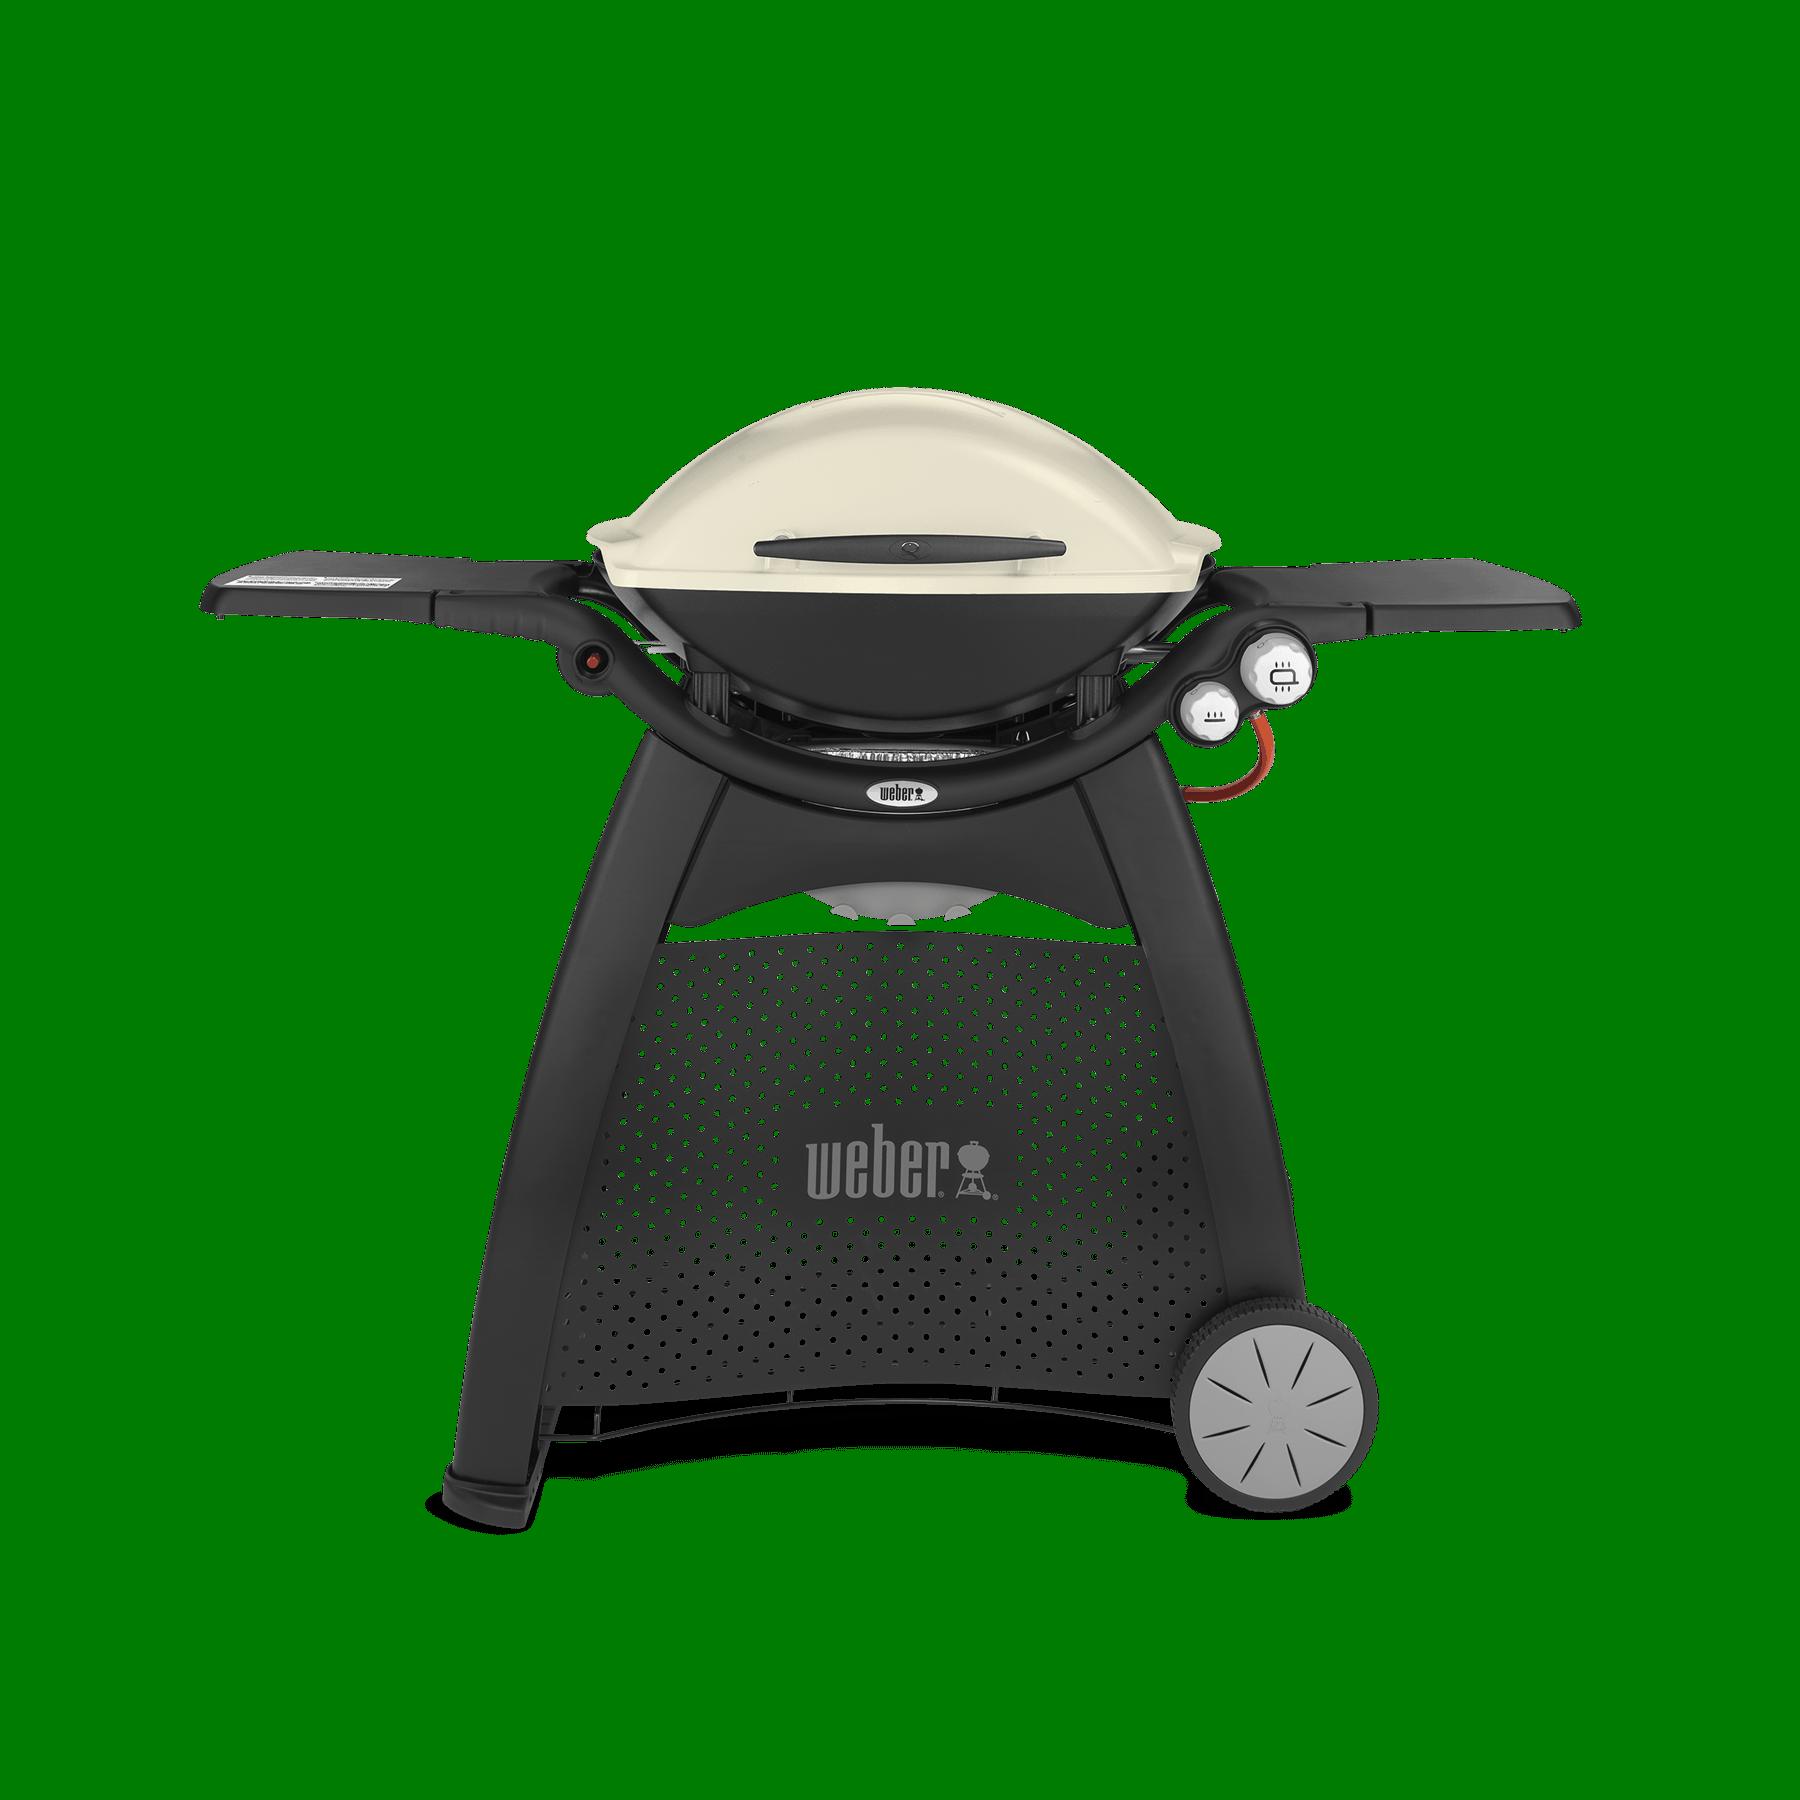 Weber Q 3100 燃气烤炉